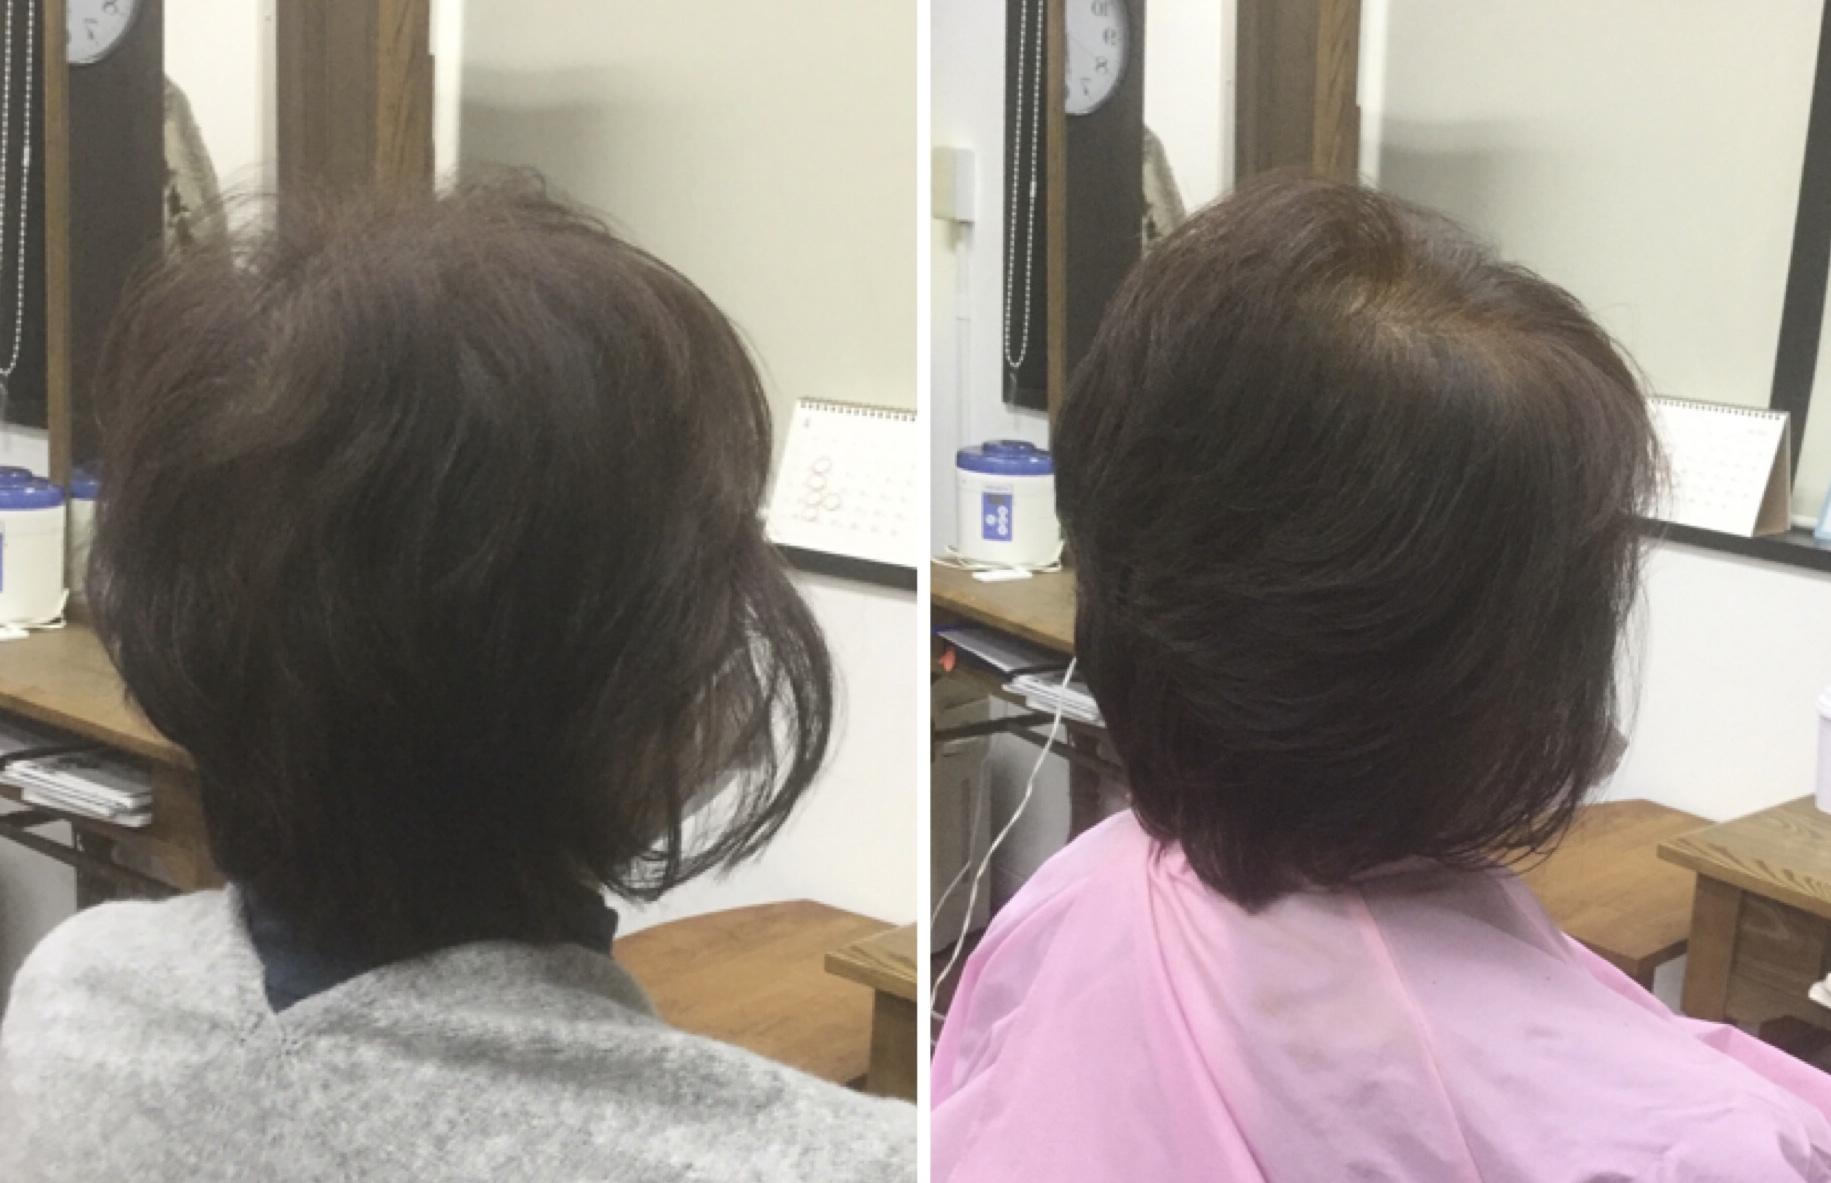 前回の施術から2週間でも髪に頭皮に身体も健康的に施術出来る国産100%美らヘナ®︎は神戸摂津本山美容室アバディ